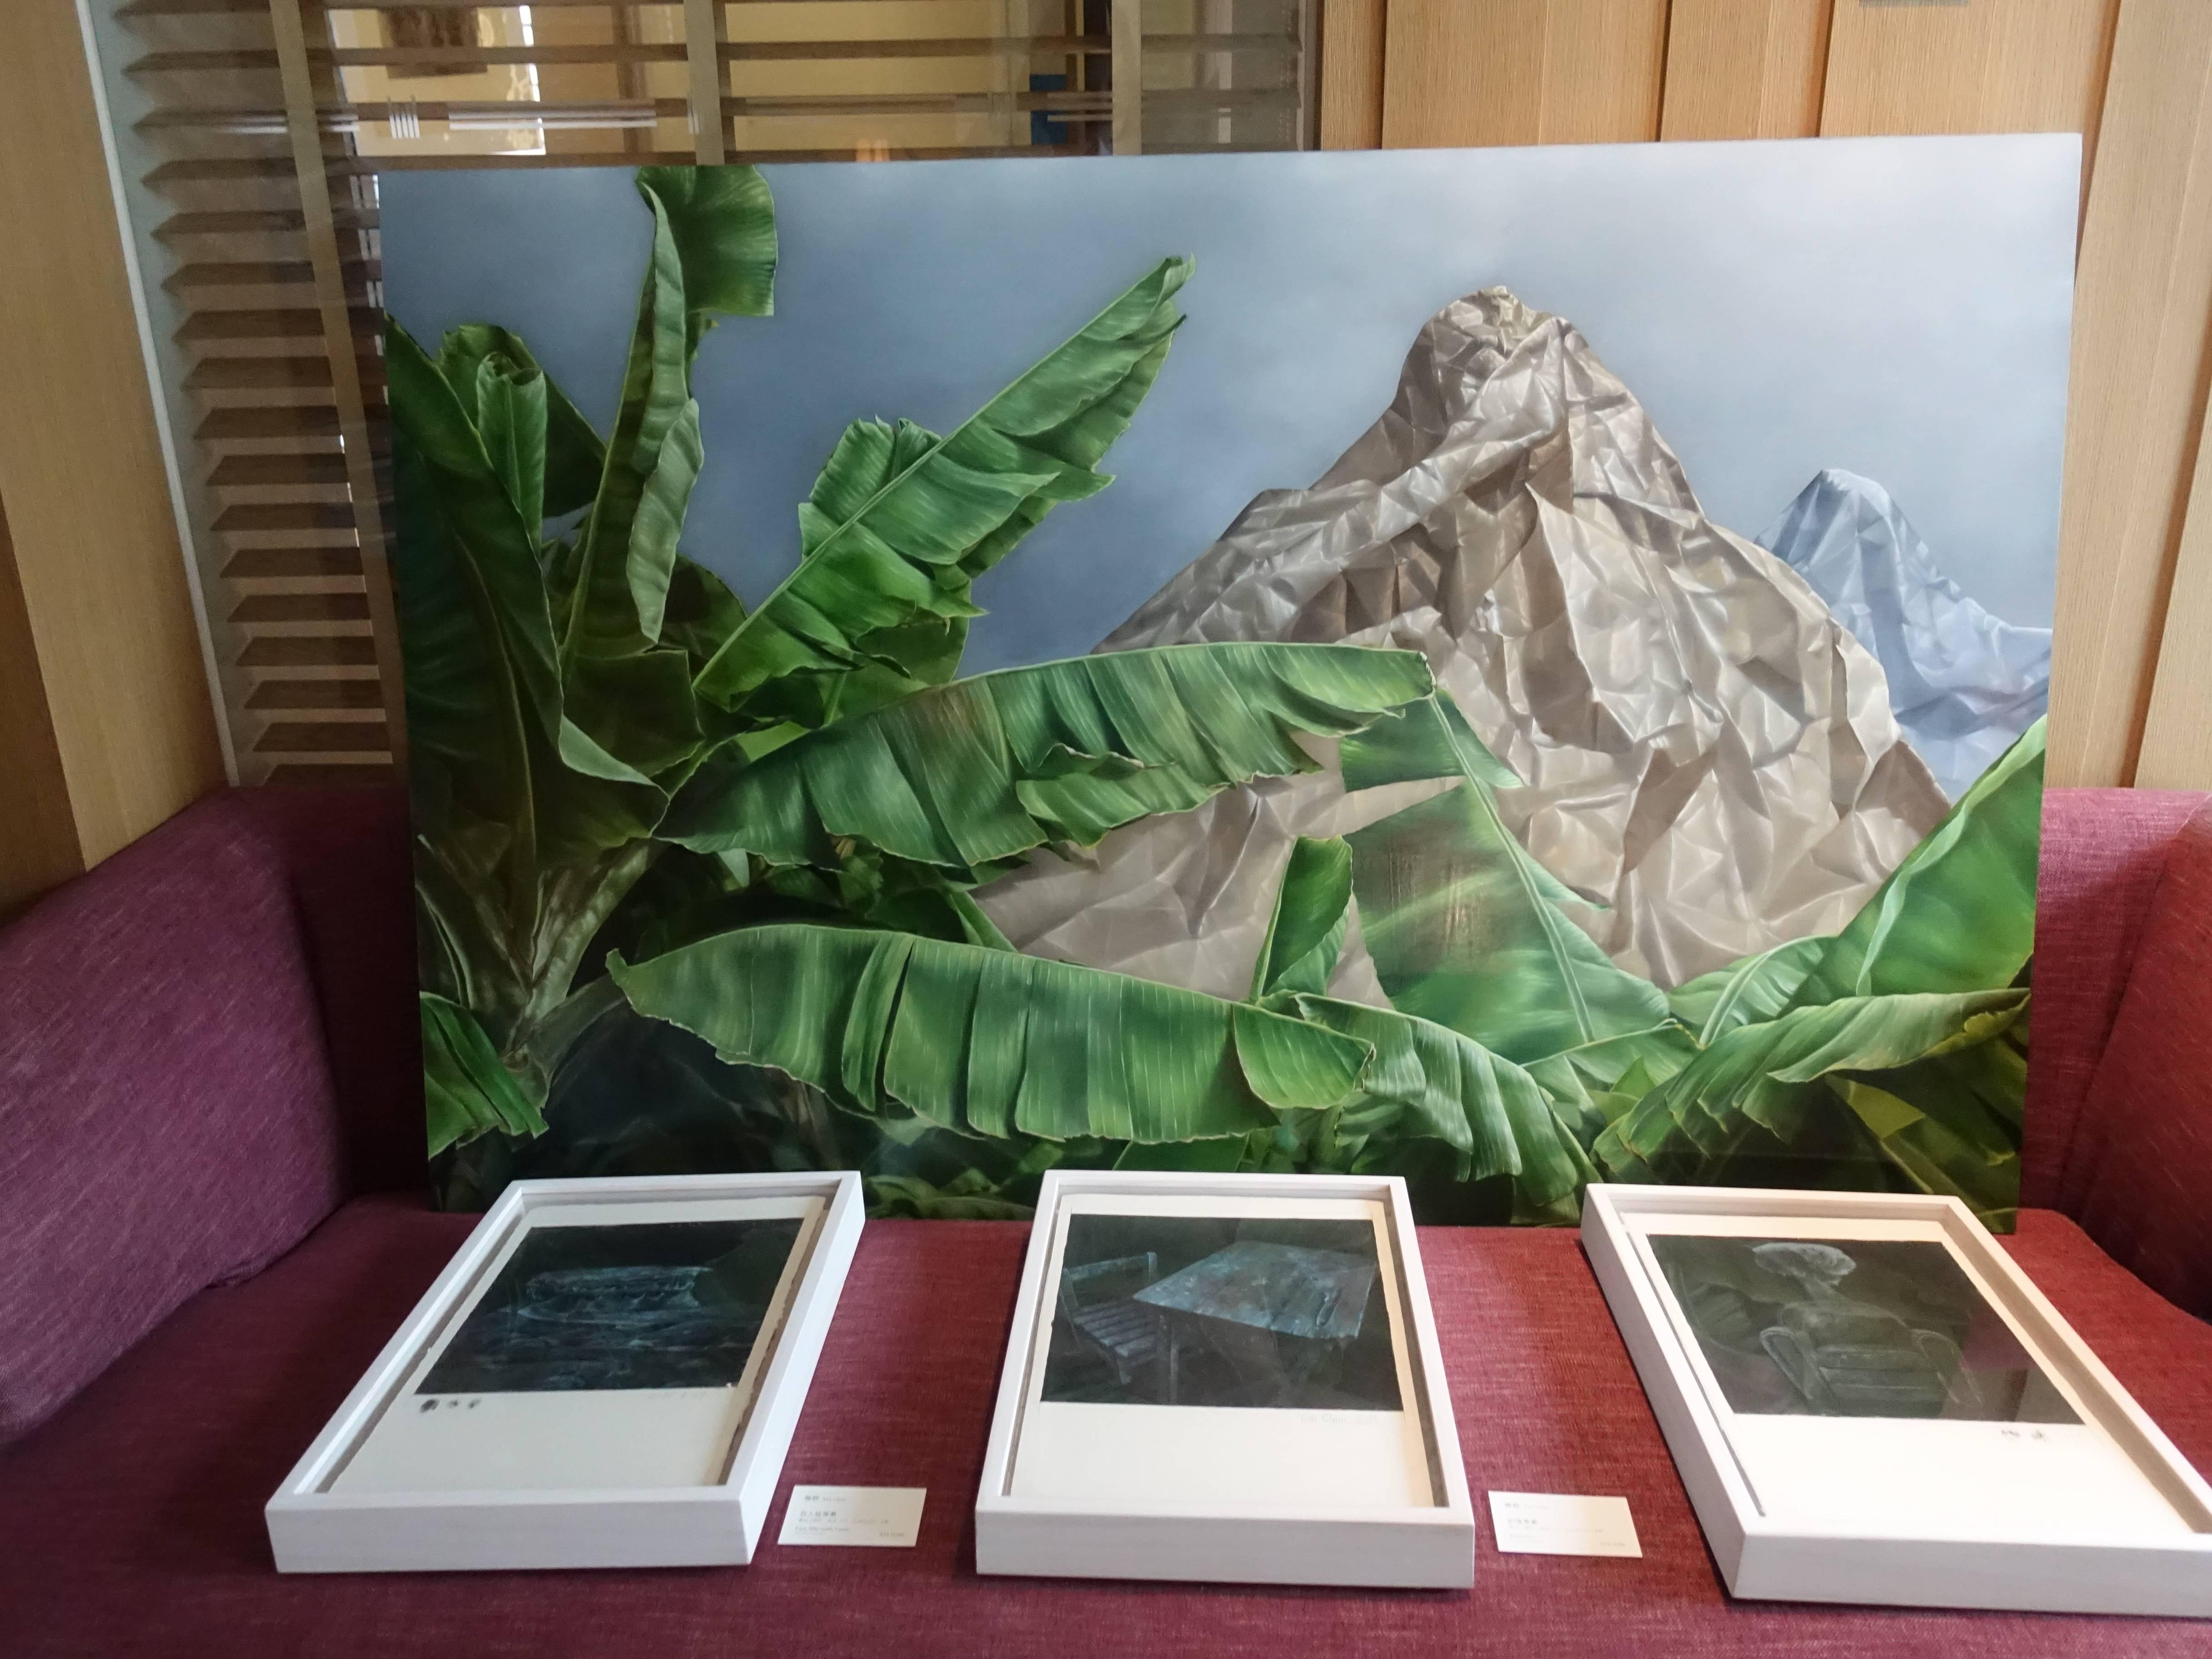 大觀藝術空間藝術家 - 顏群,《變動風景1》,91 x 140 cm,油彩、畫布,2018。